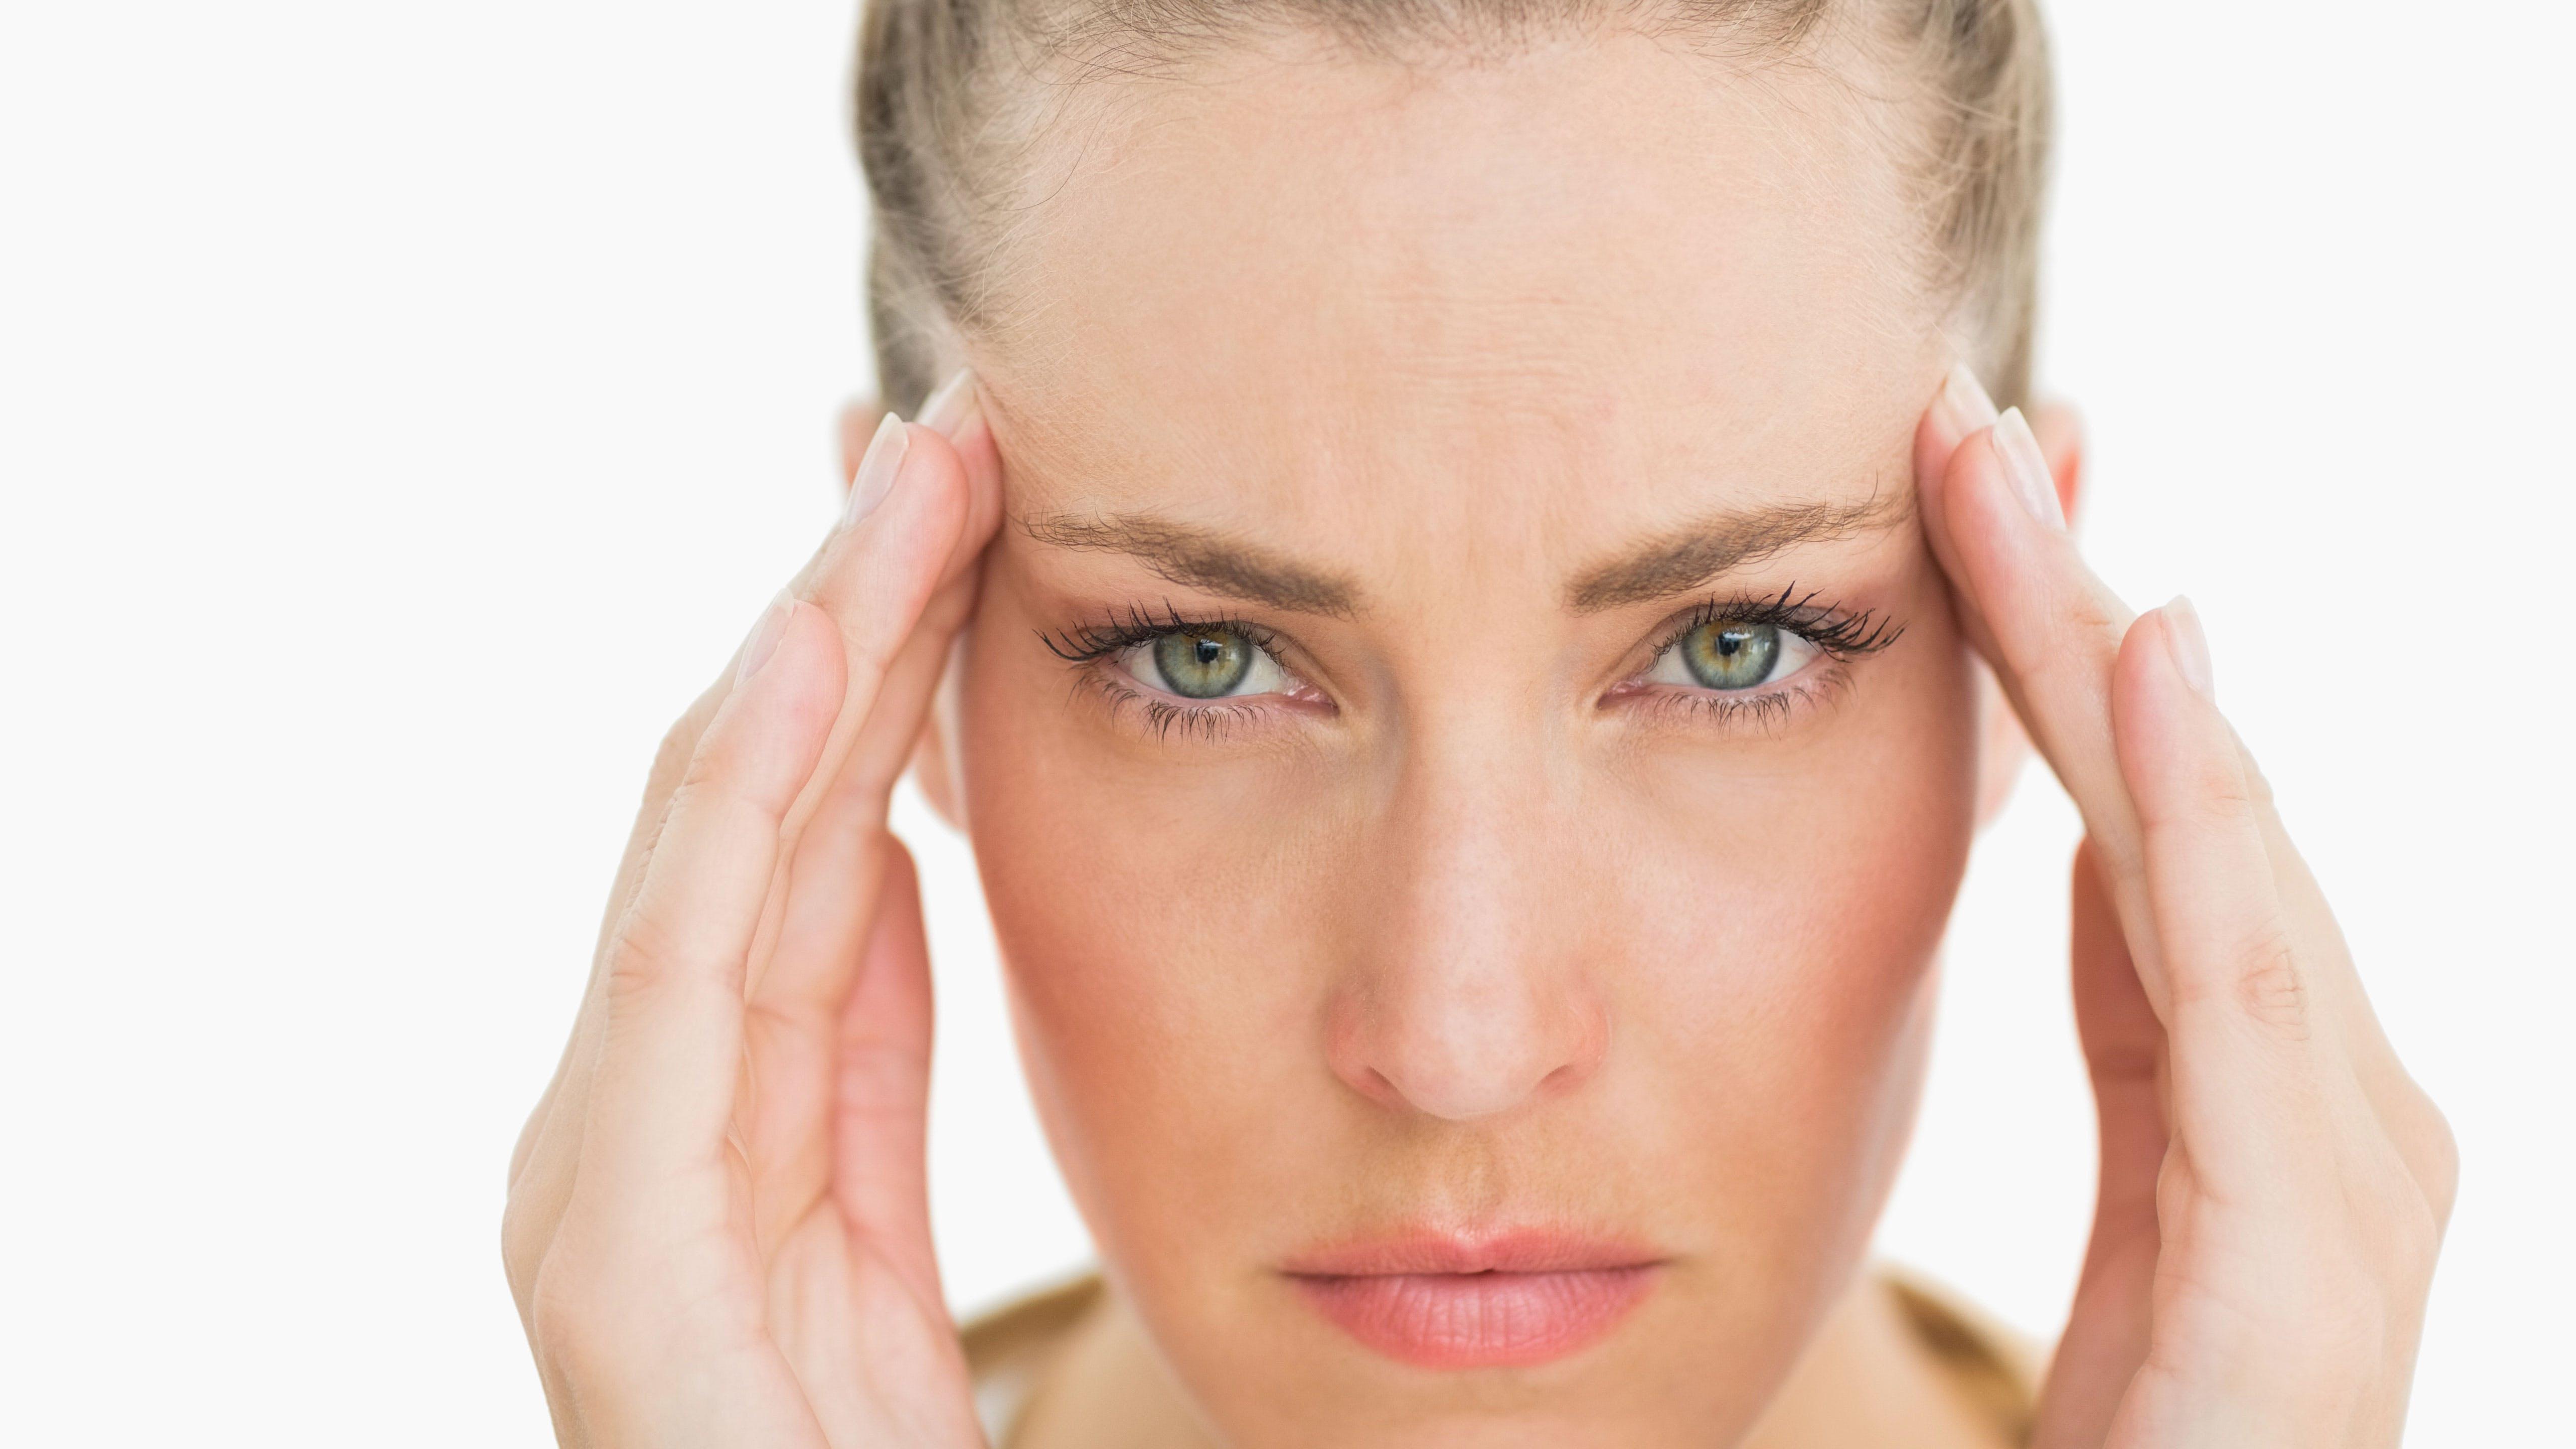 Efectos secundarios y cómo remediarlos